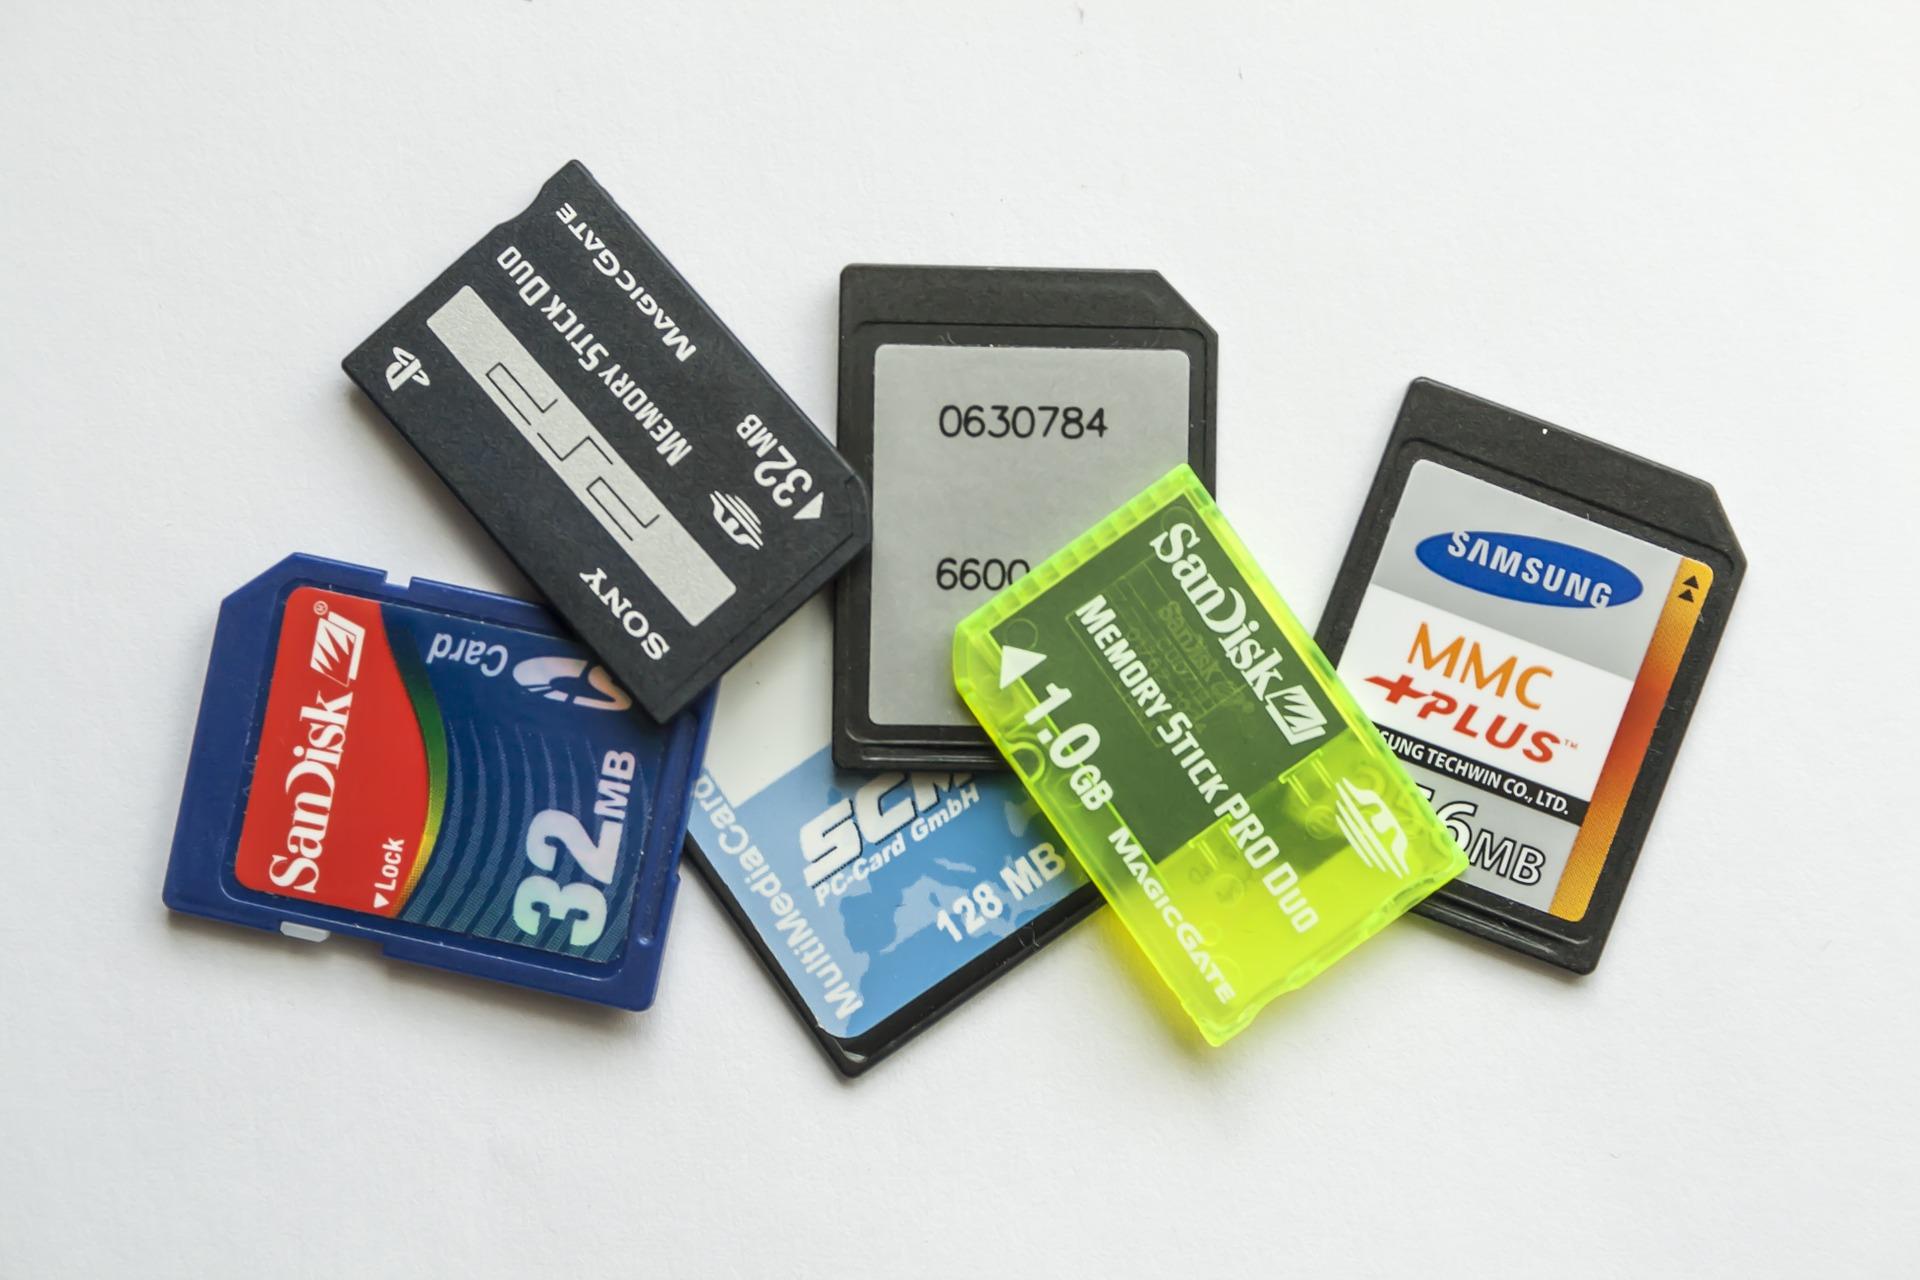 Le caratteristiche principali di una scheda SD.